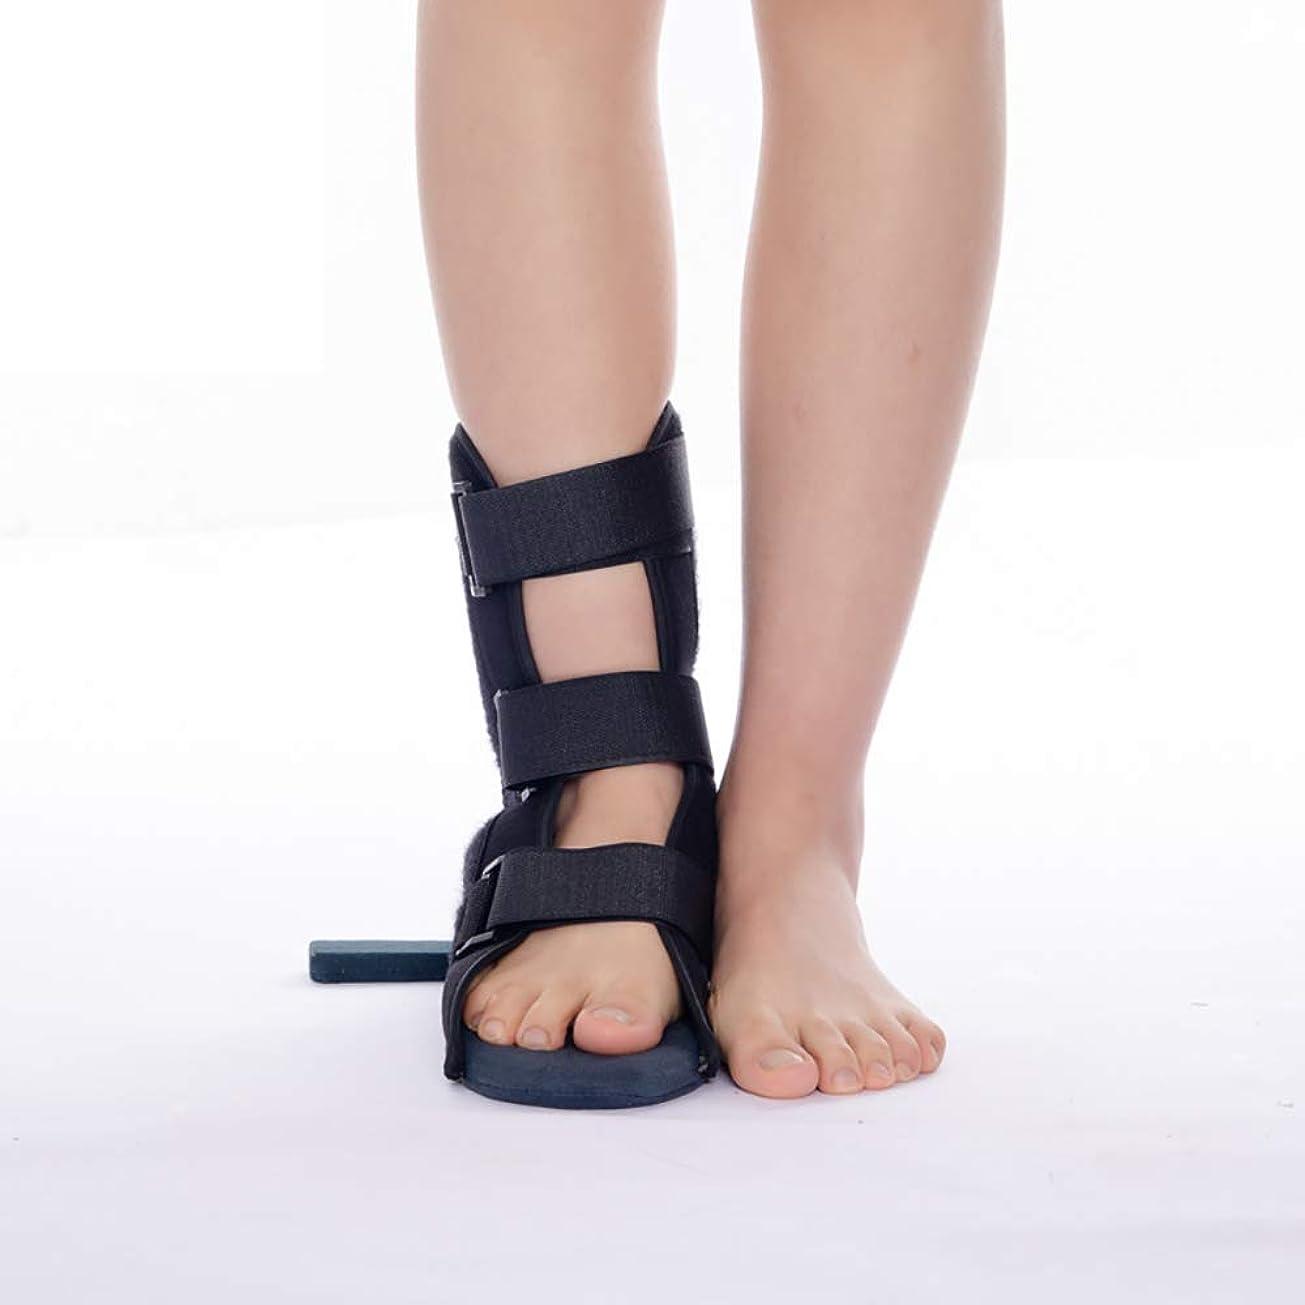 ヒロイン科学的試みる足固定整形外科用靴足ブレースサポート回転防止足首捻挫スタビライザーブーツ用足首関節捻挫骨折リハビリテーション